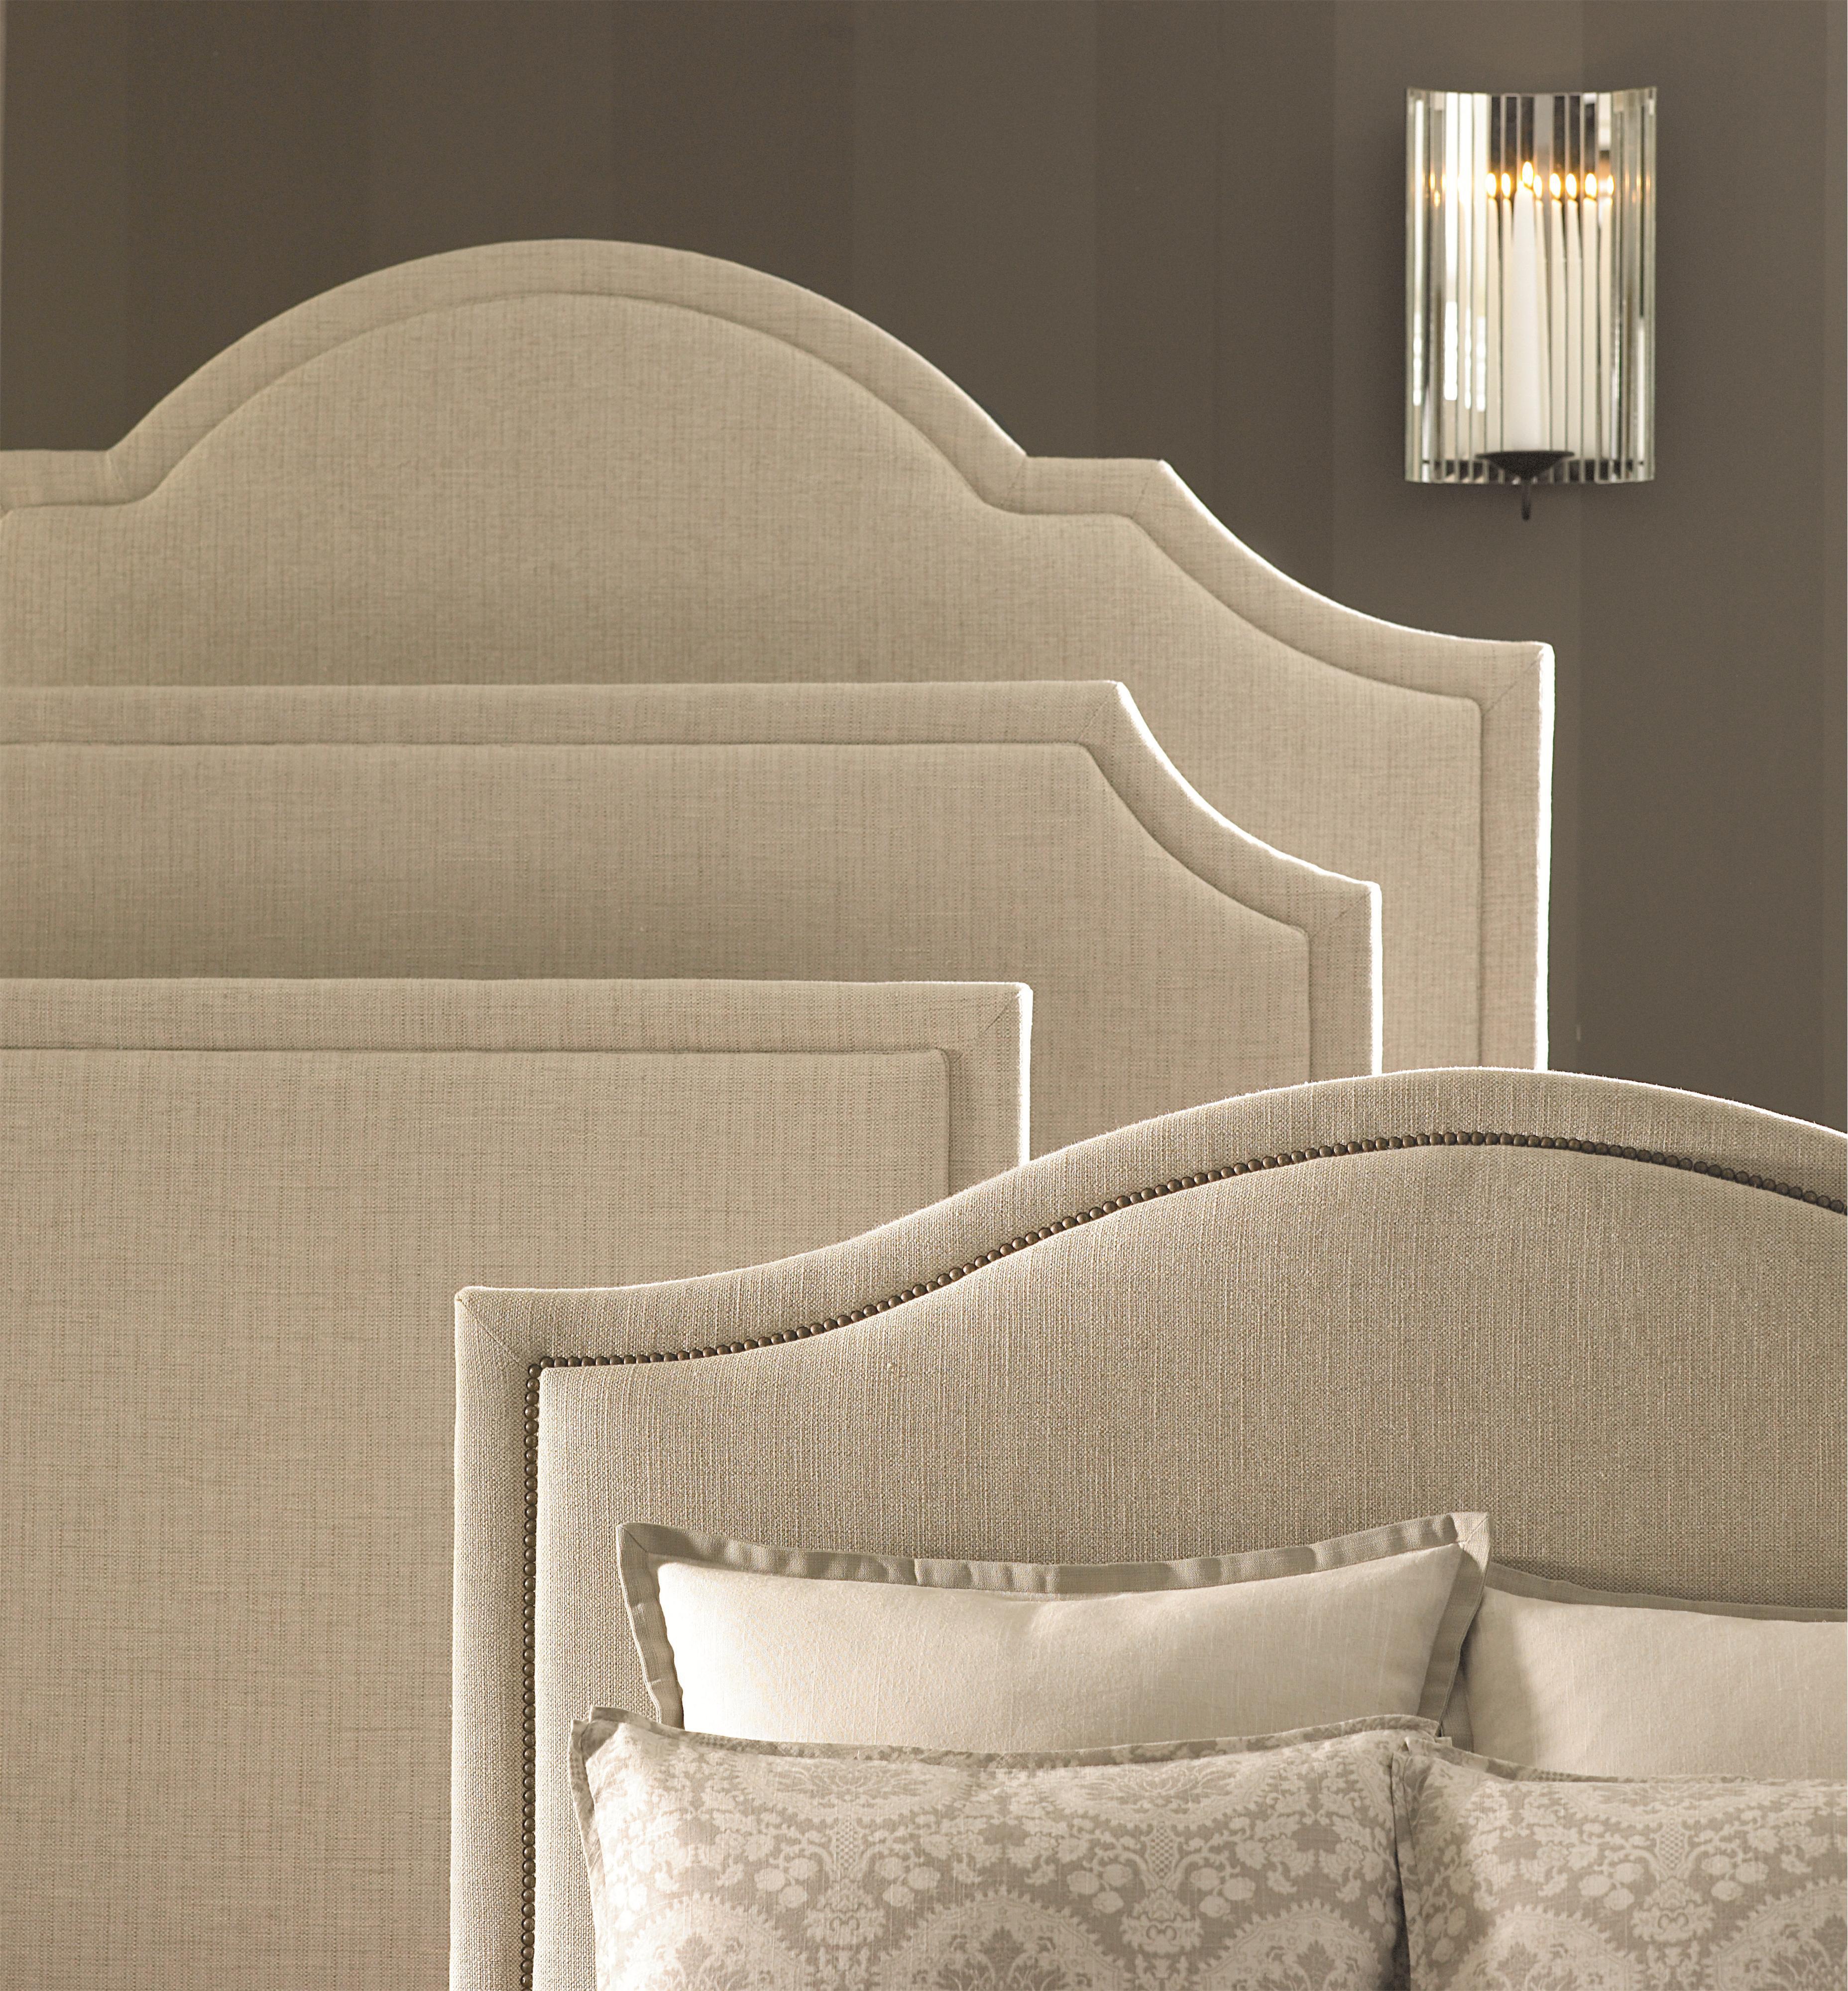 Custom Upholstered Beds By Bett